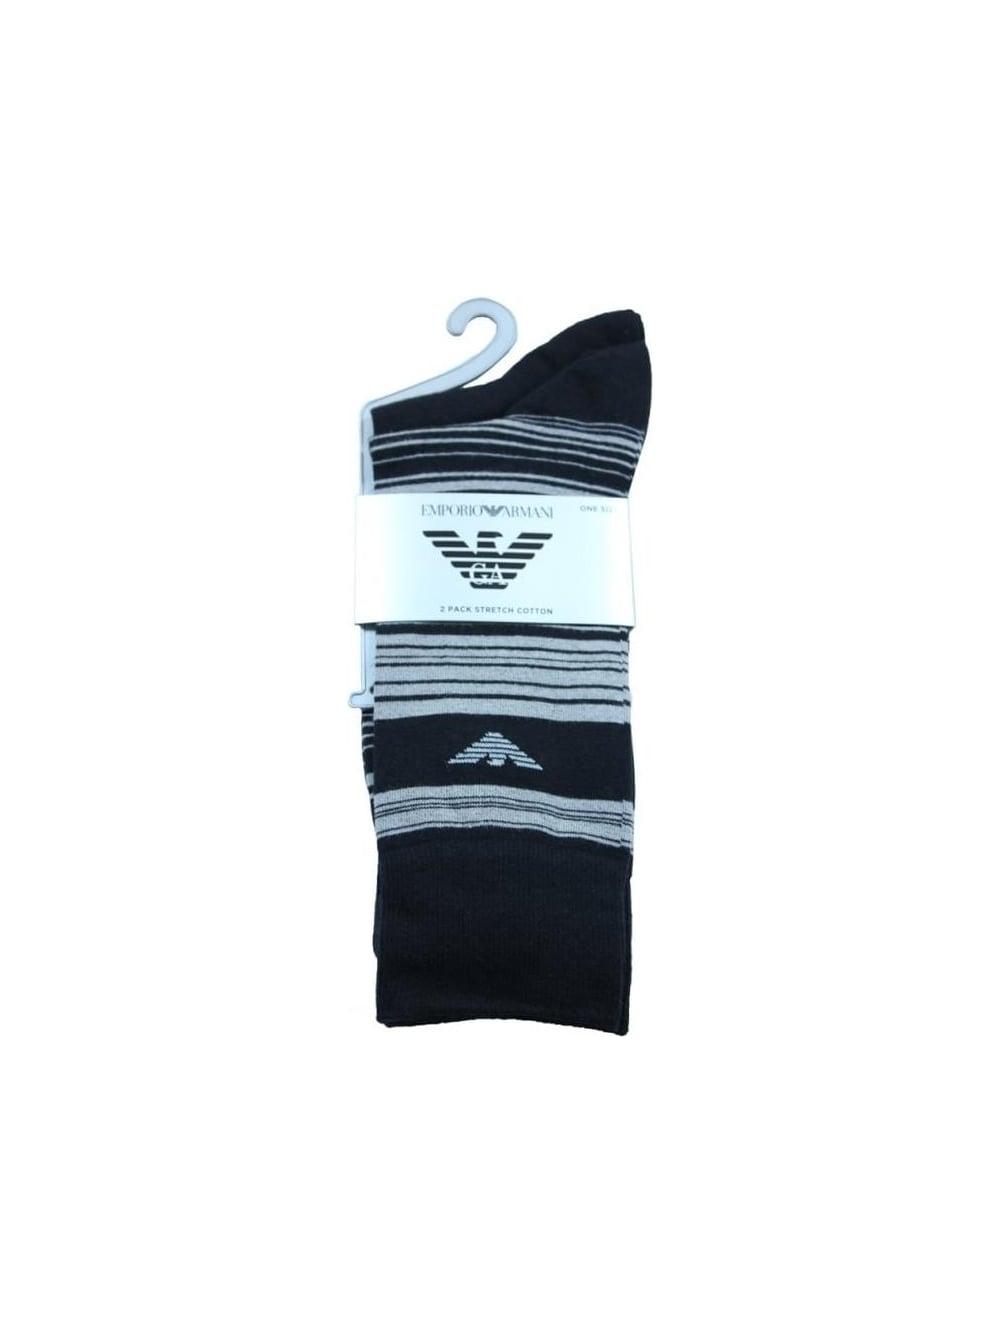 7546cb241dc Emporio Armani Horizontal Stripe 2 Pack Socks in Black - Northern ...